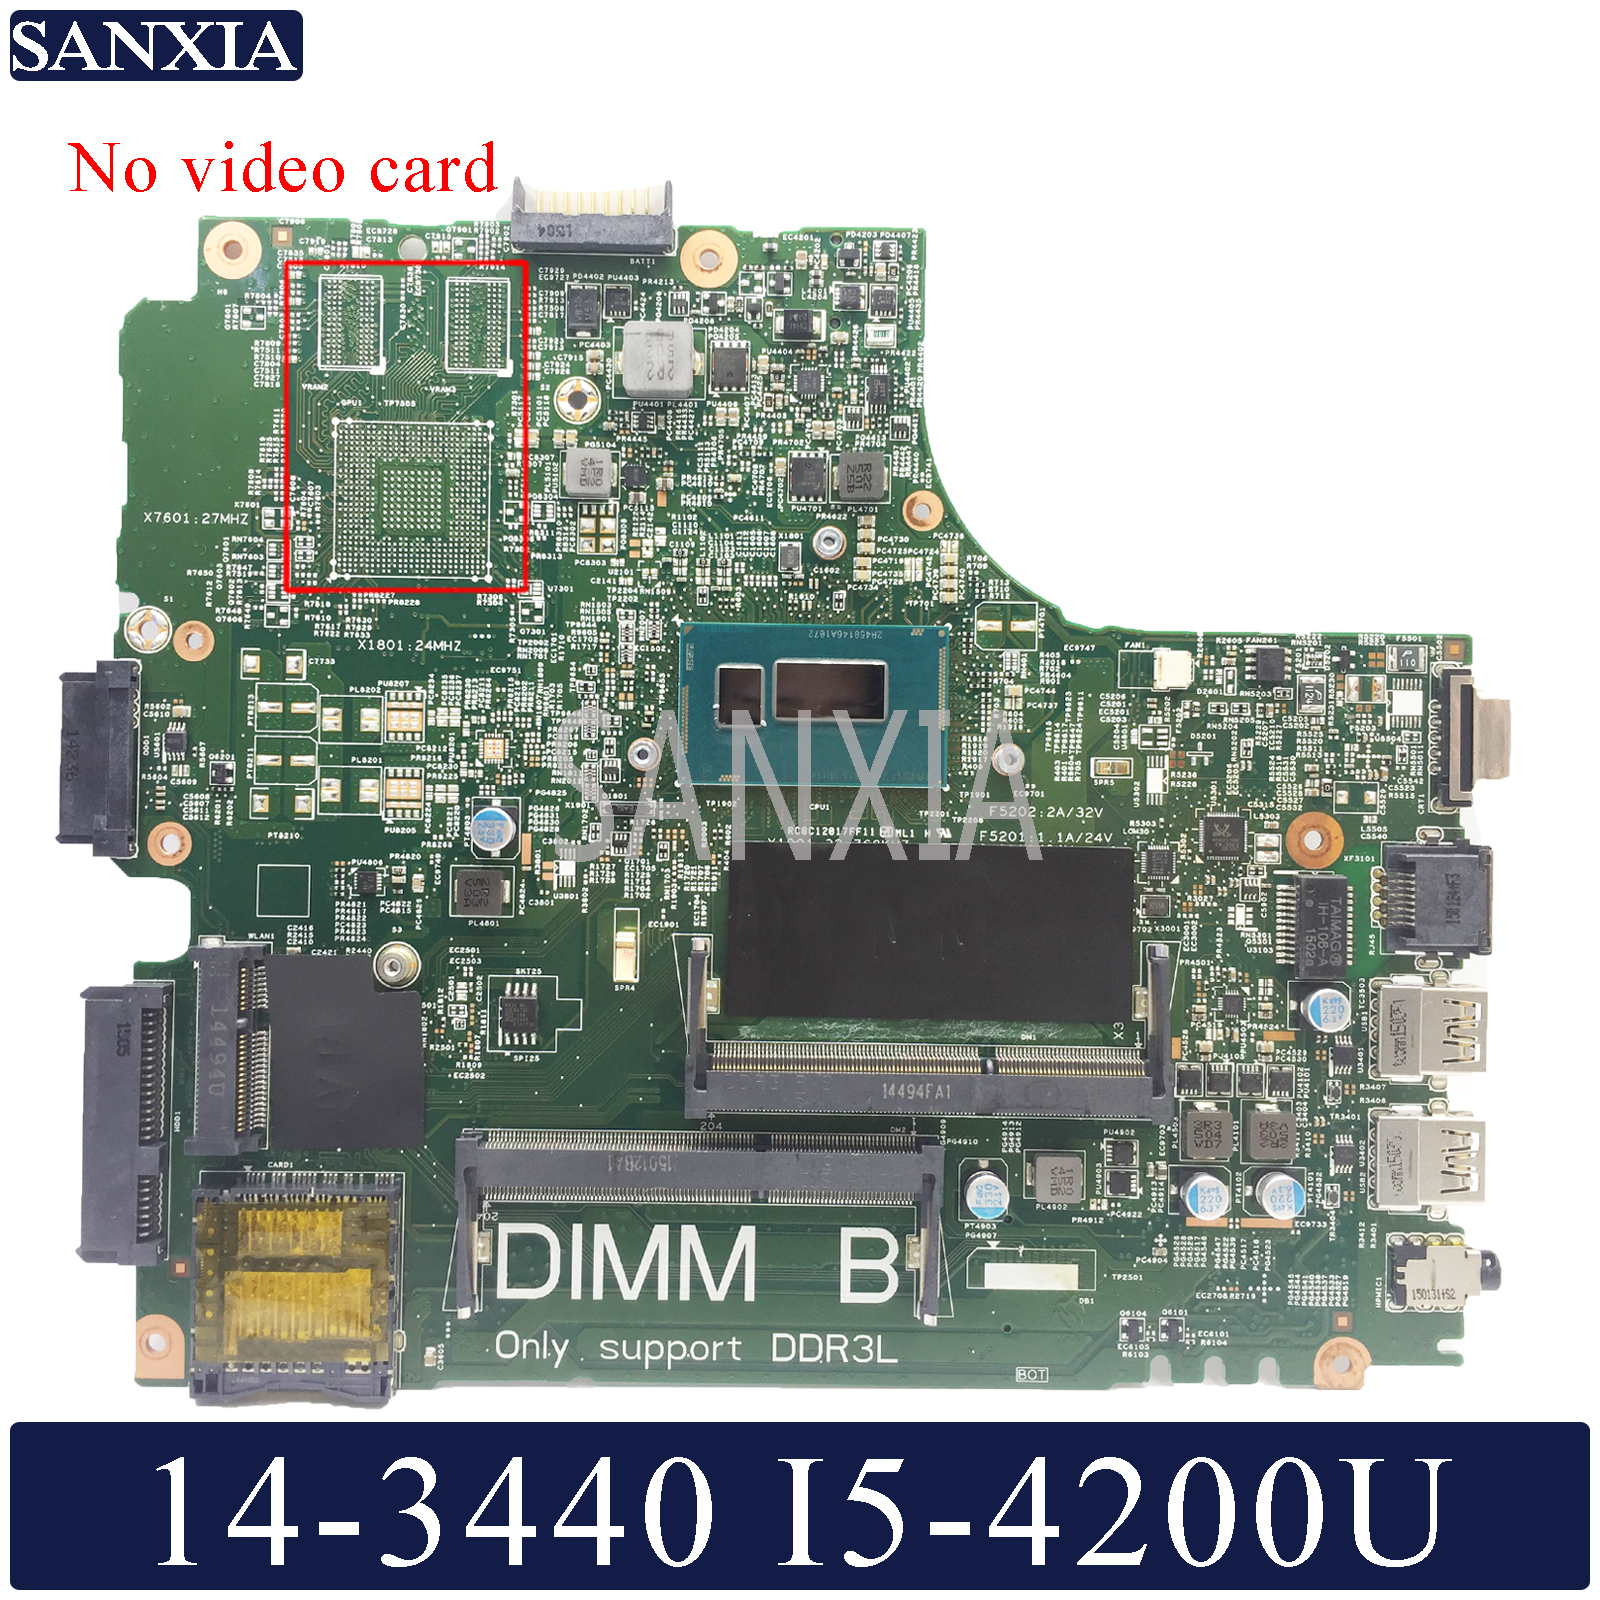 Kefu 13221-1 placa-mãe do portátil para dell latitude 3440 original placa-mãe ddr3l I5-4200U